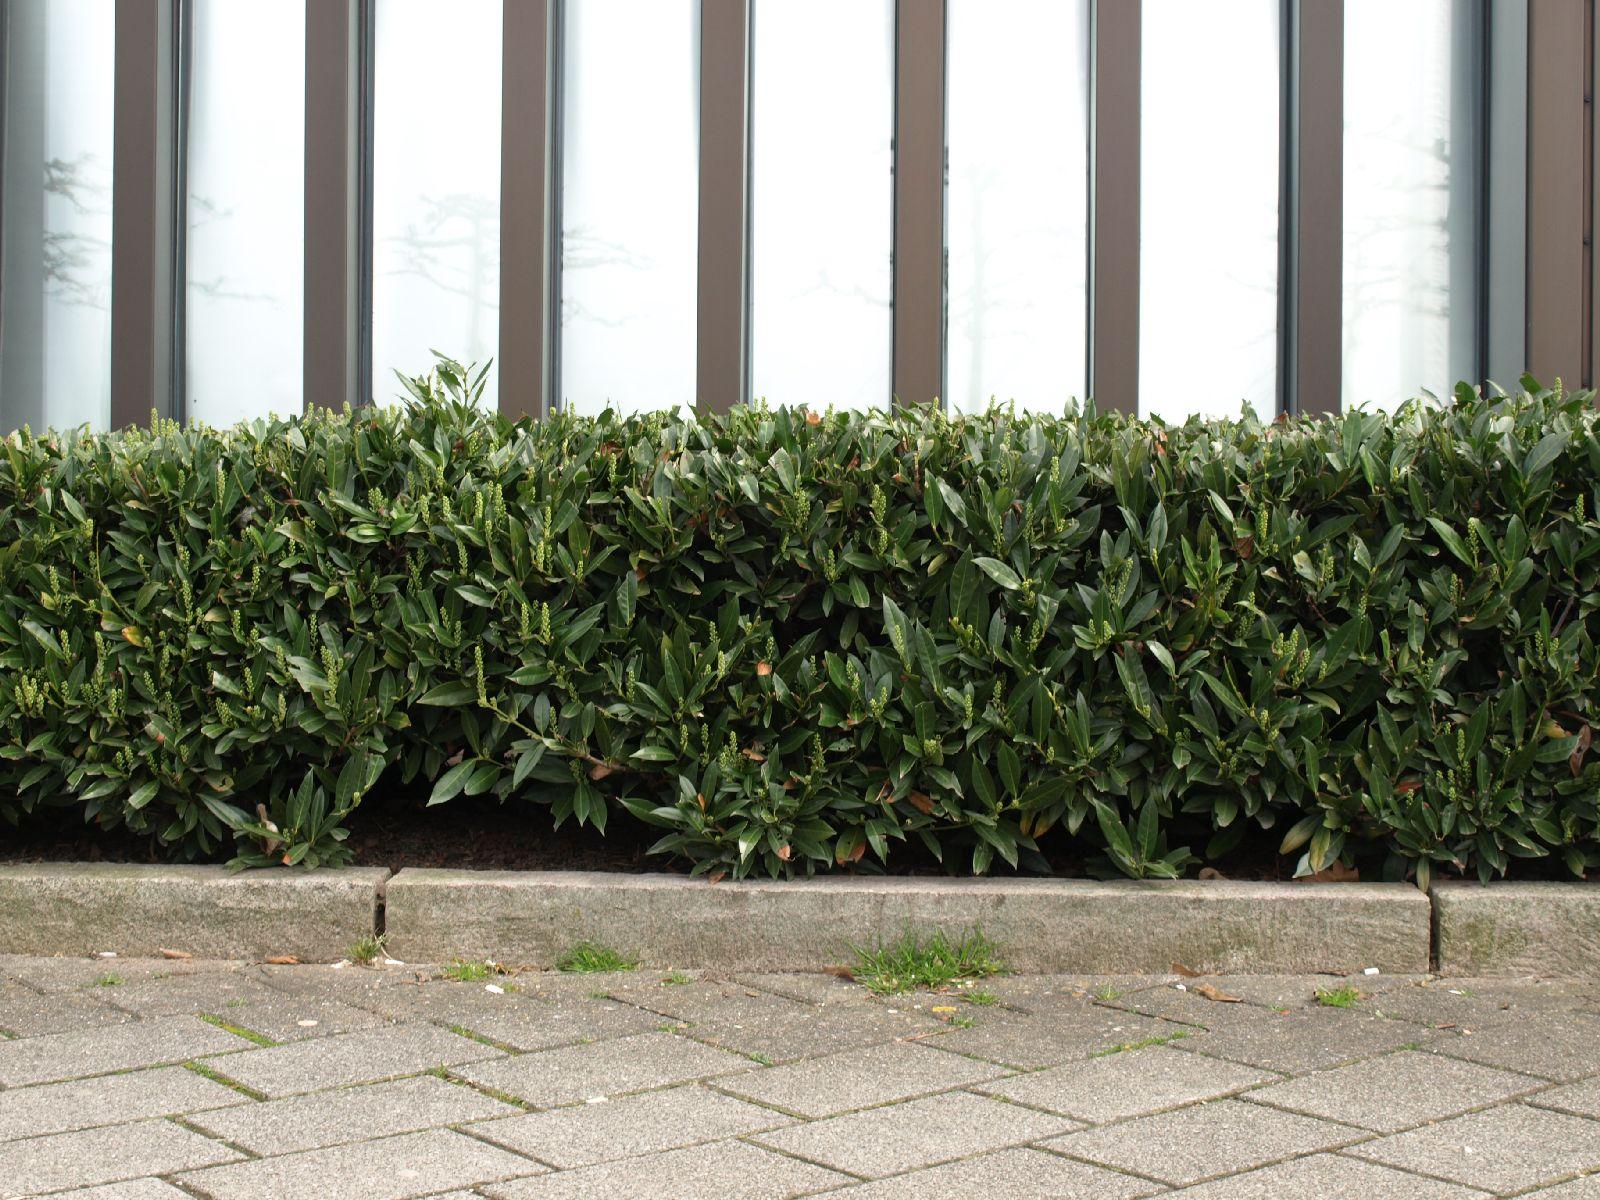 Pflanzen-Hecken-Foto_Textur_B_P4041498